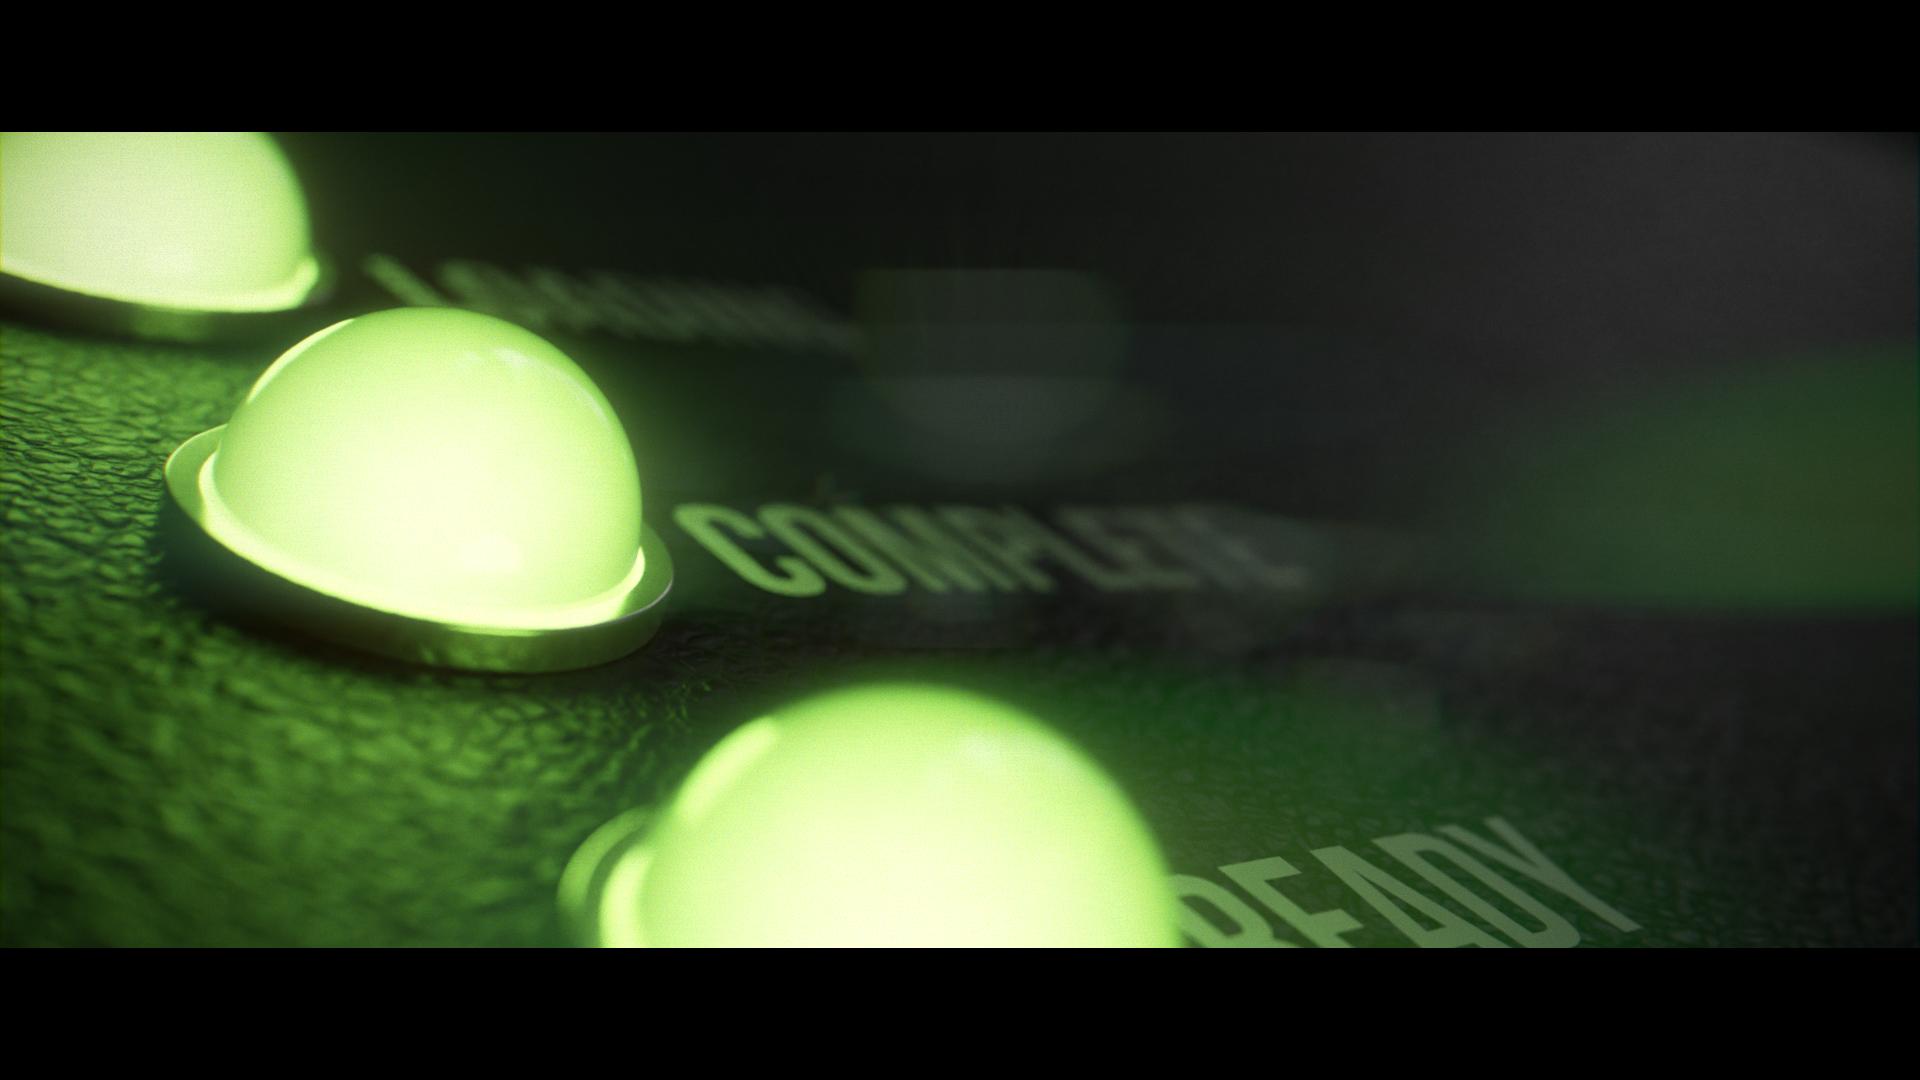 LED-shader-cycles-blender-tuto